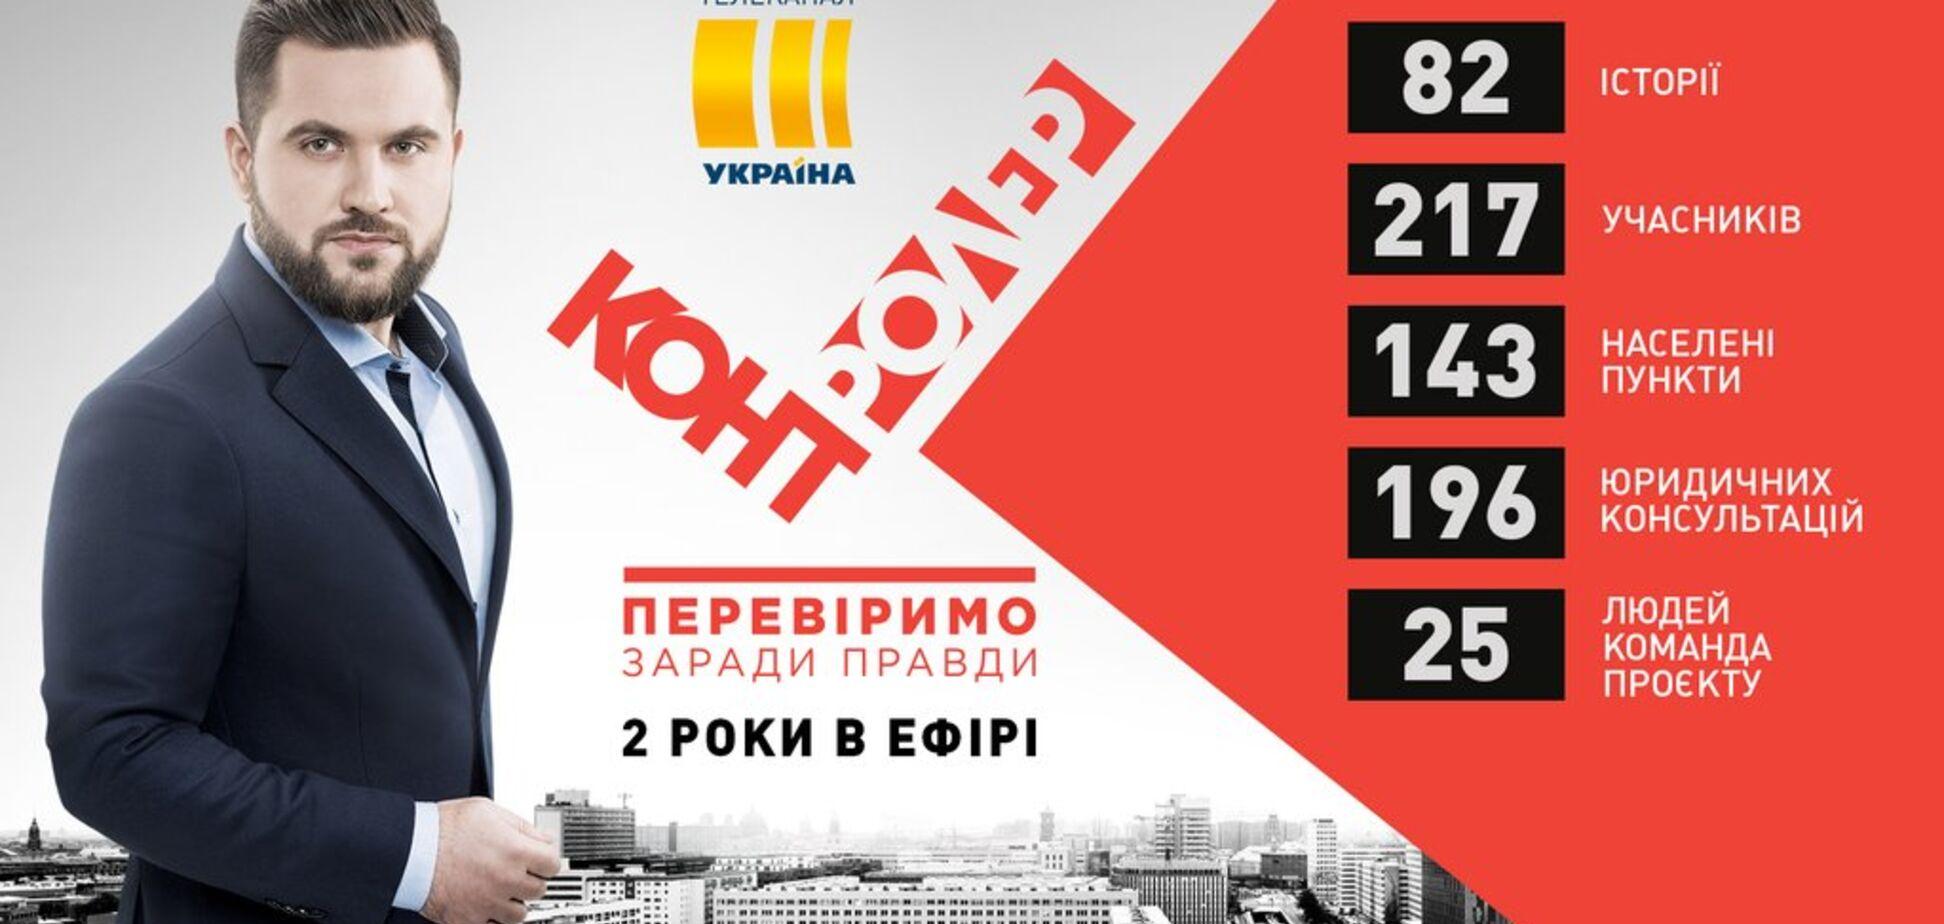 'Контролер' - два года в эфире канала 'Украина'